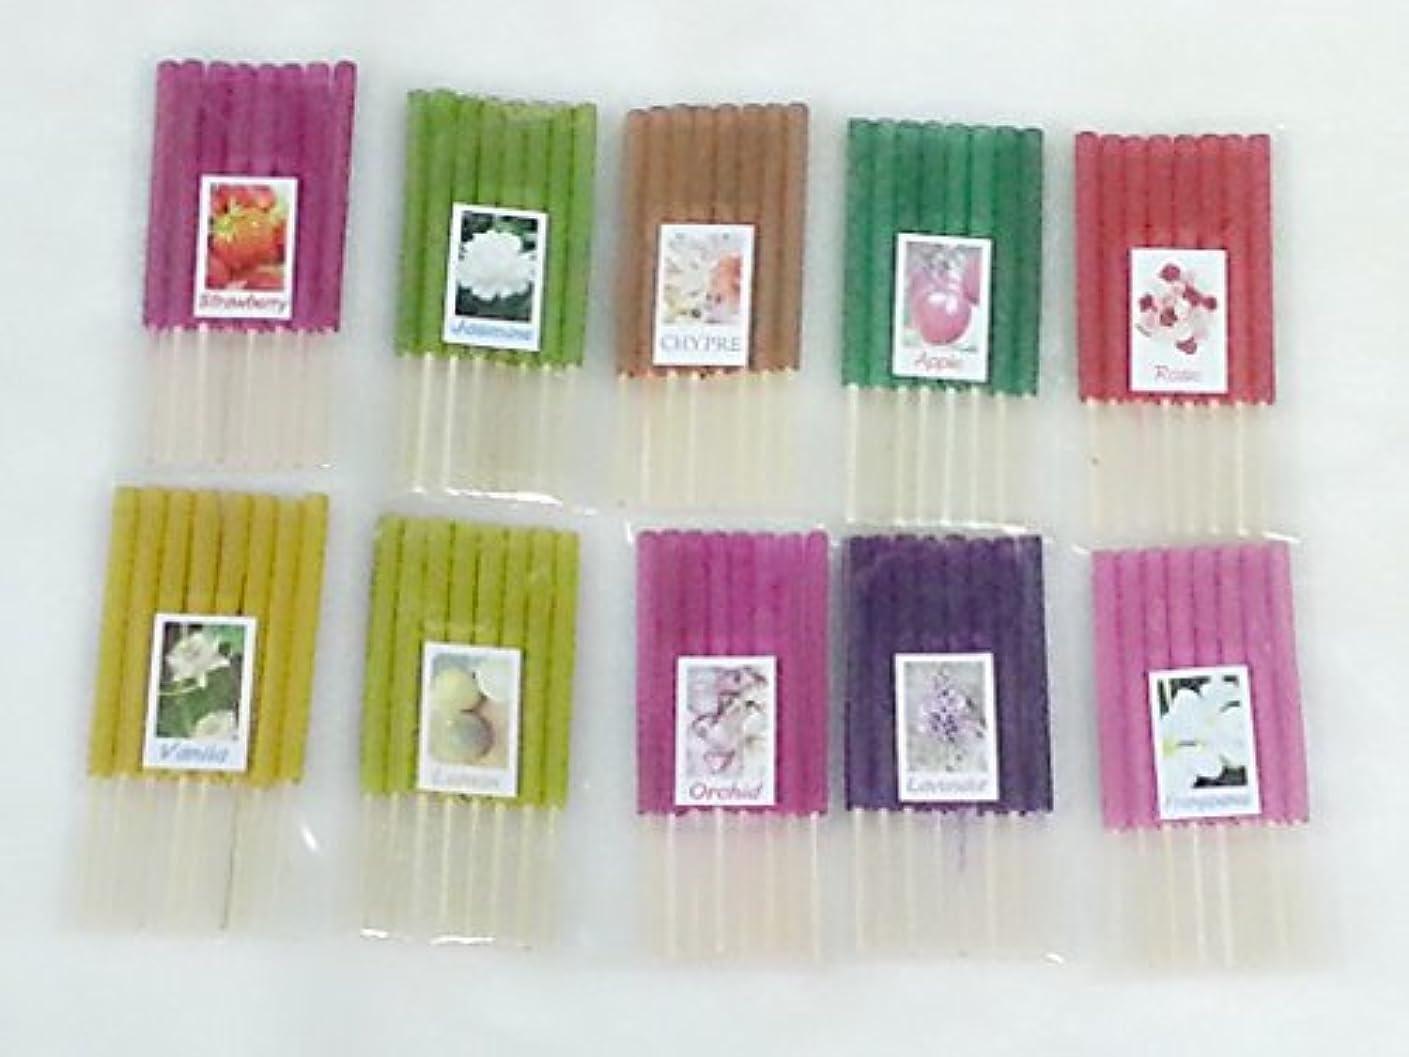 発生男やもめ定義セット13 Mixアロマ10 Scents 80 Sticks Mini Incense Sticks Thai Spaアロマセラピーホームのハーブ&香料、長さ3インチ